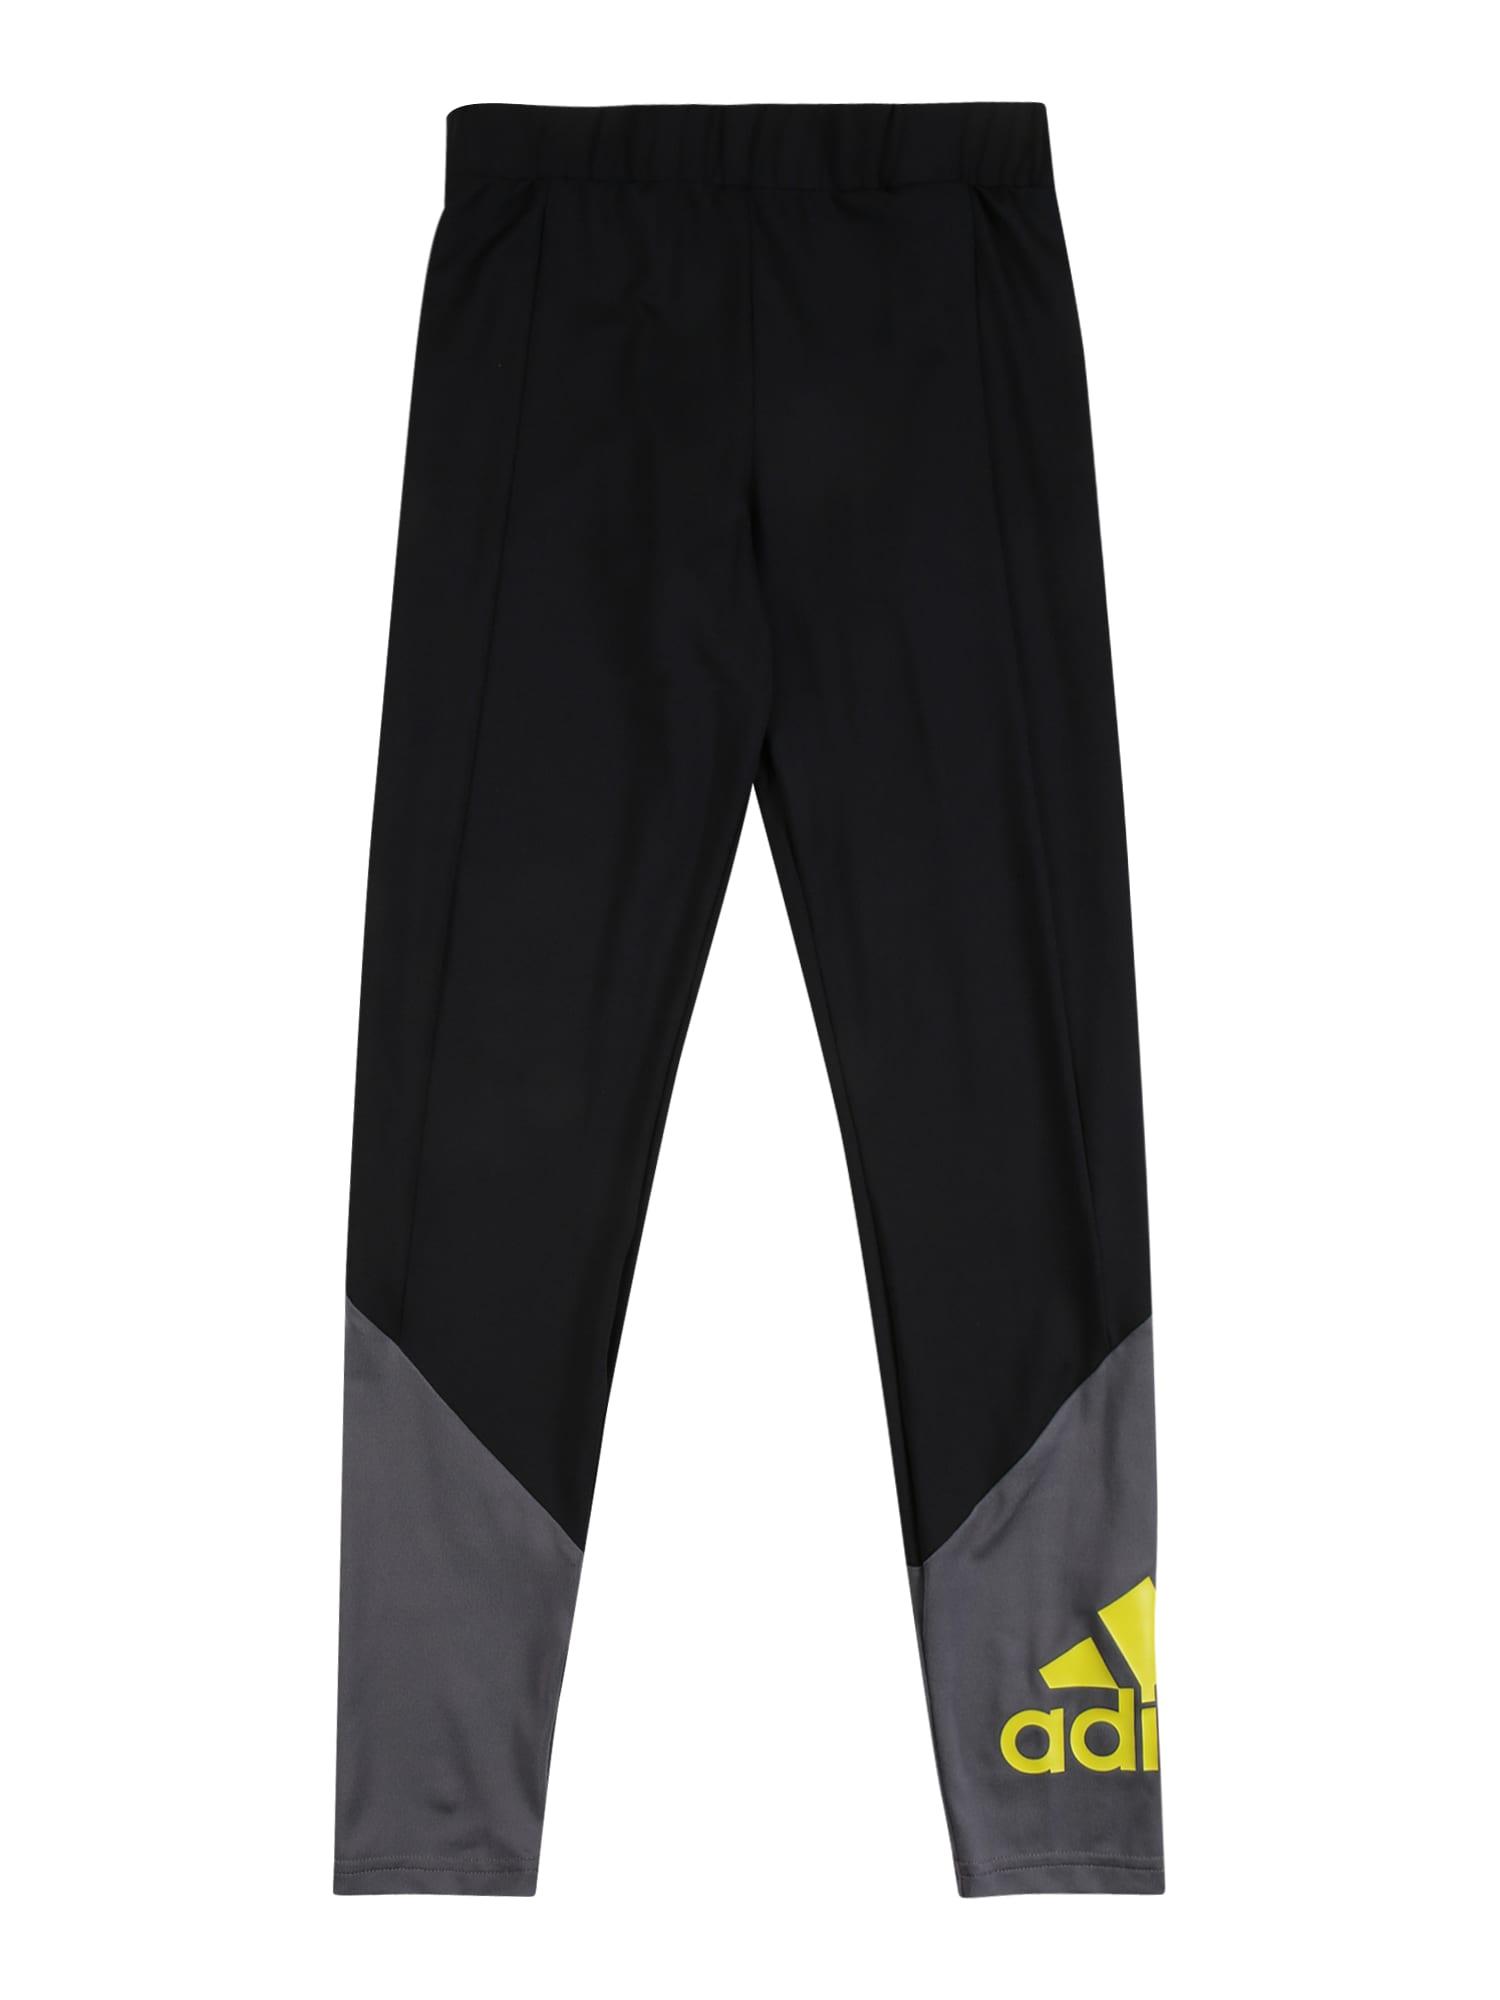 ADIDAS PERFORMANCE Sportinės kelnės juoda / pilka / geltona